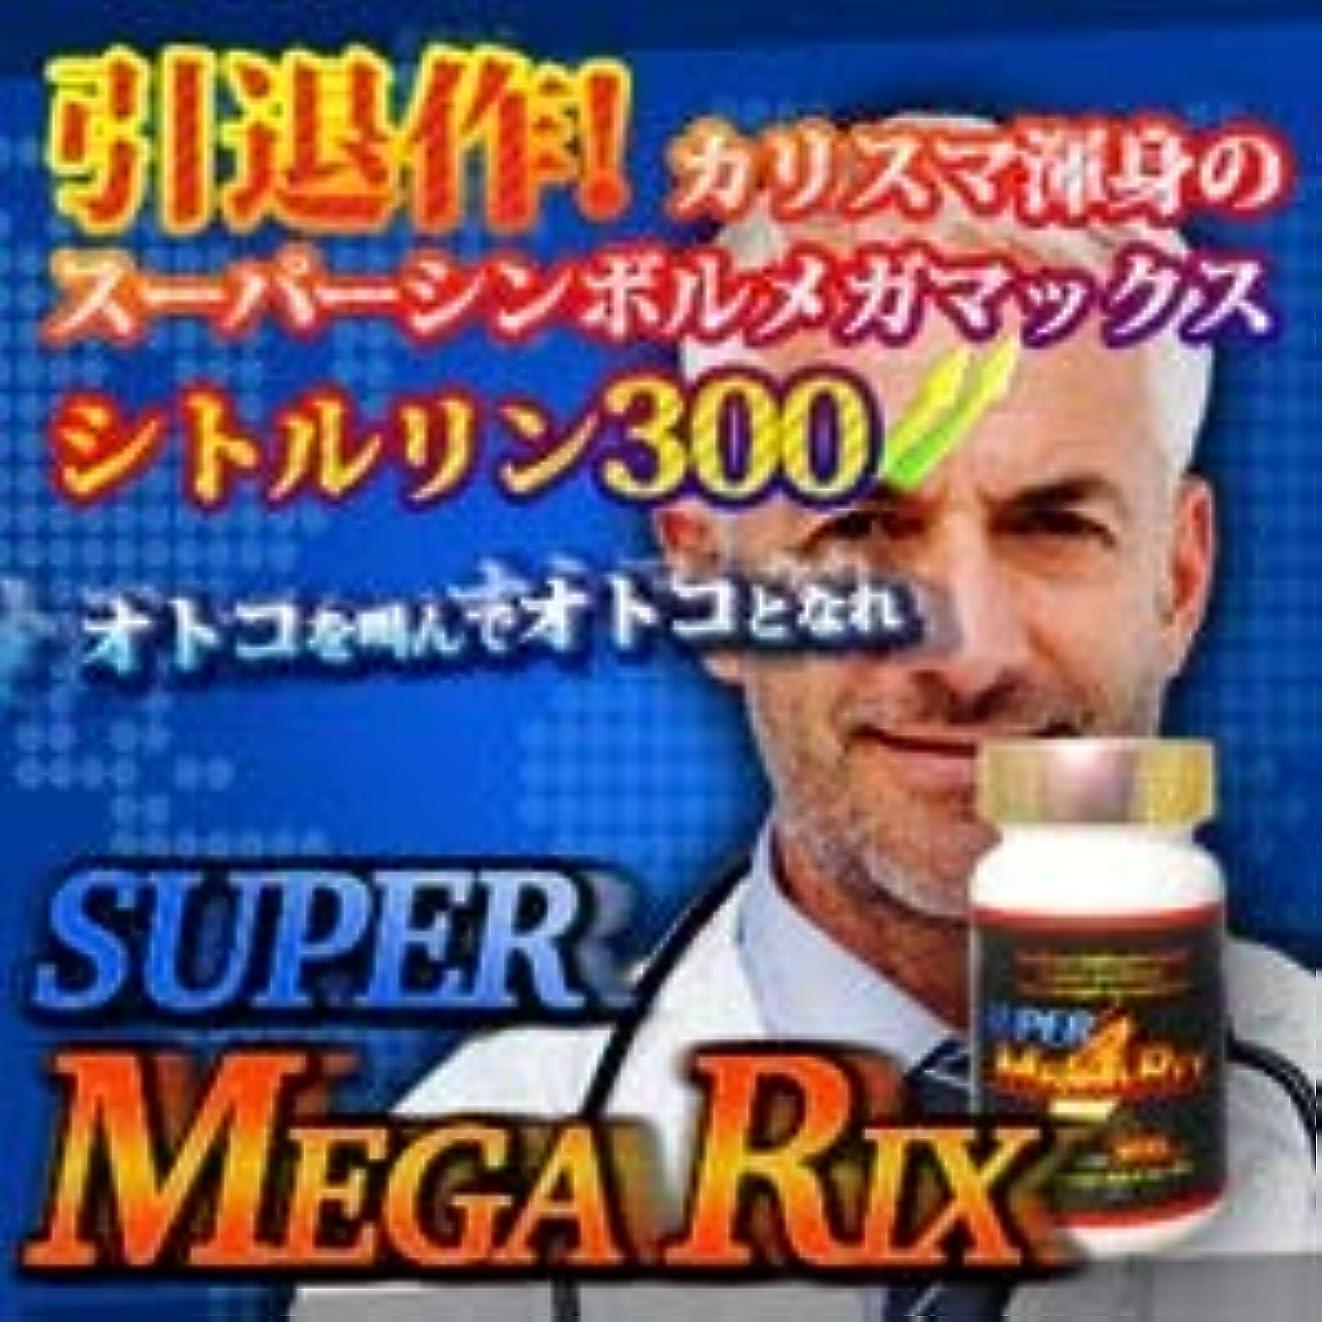 欠席オークション郡サイオ Super Megarix(スーパーメガリクス)120錠 特別価格120錠×3個セット